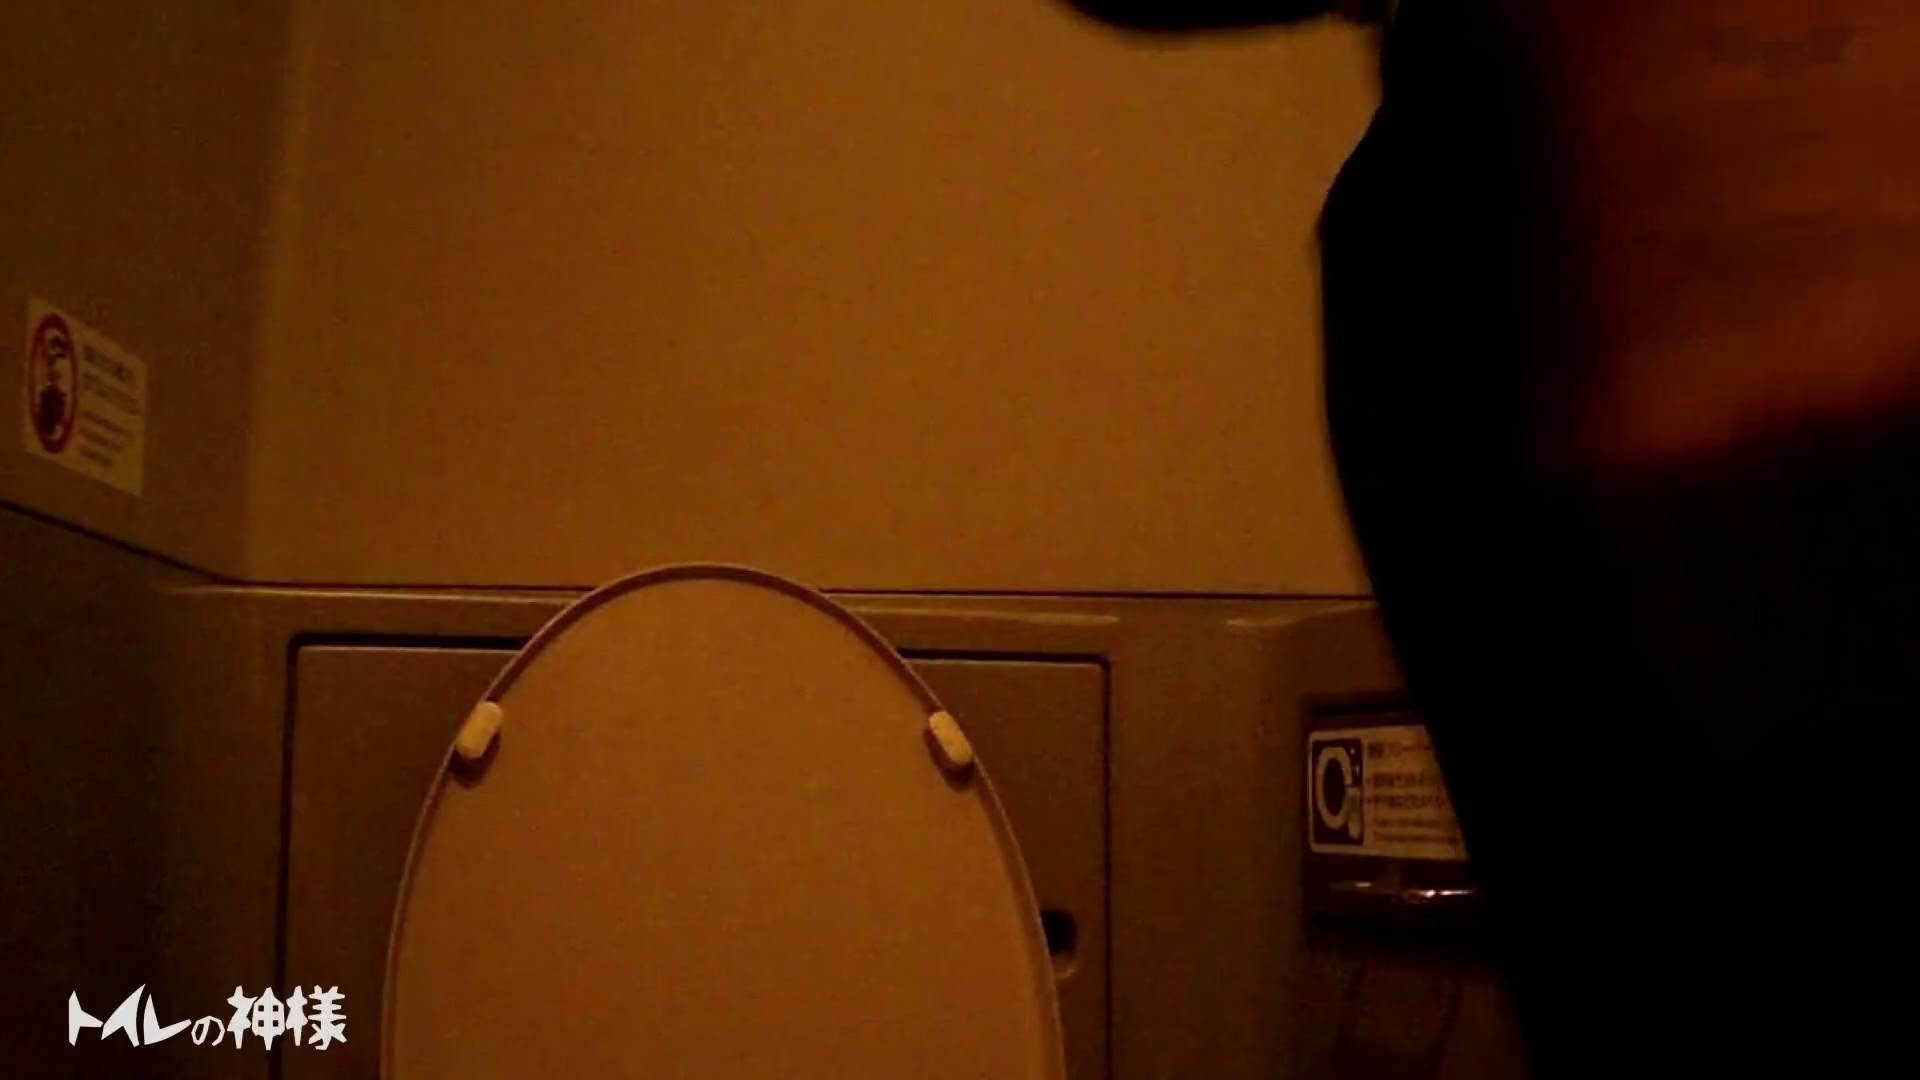 無修正エロ動画|スタバ店内の洋式トイレ!トイレの神様 Vol.13|怪盗ジョーカー